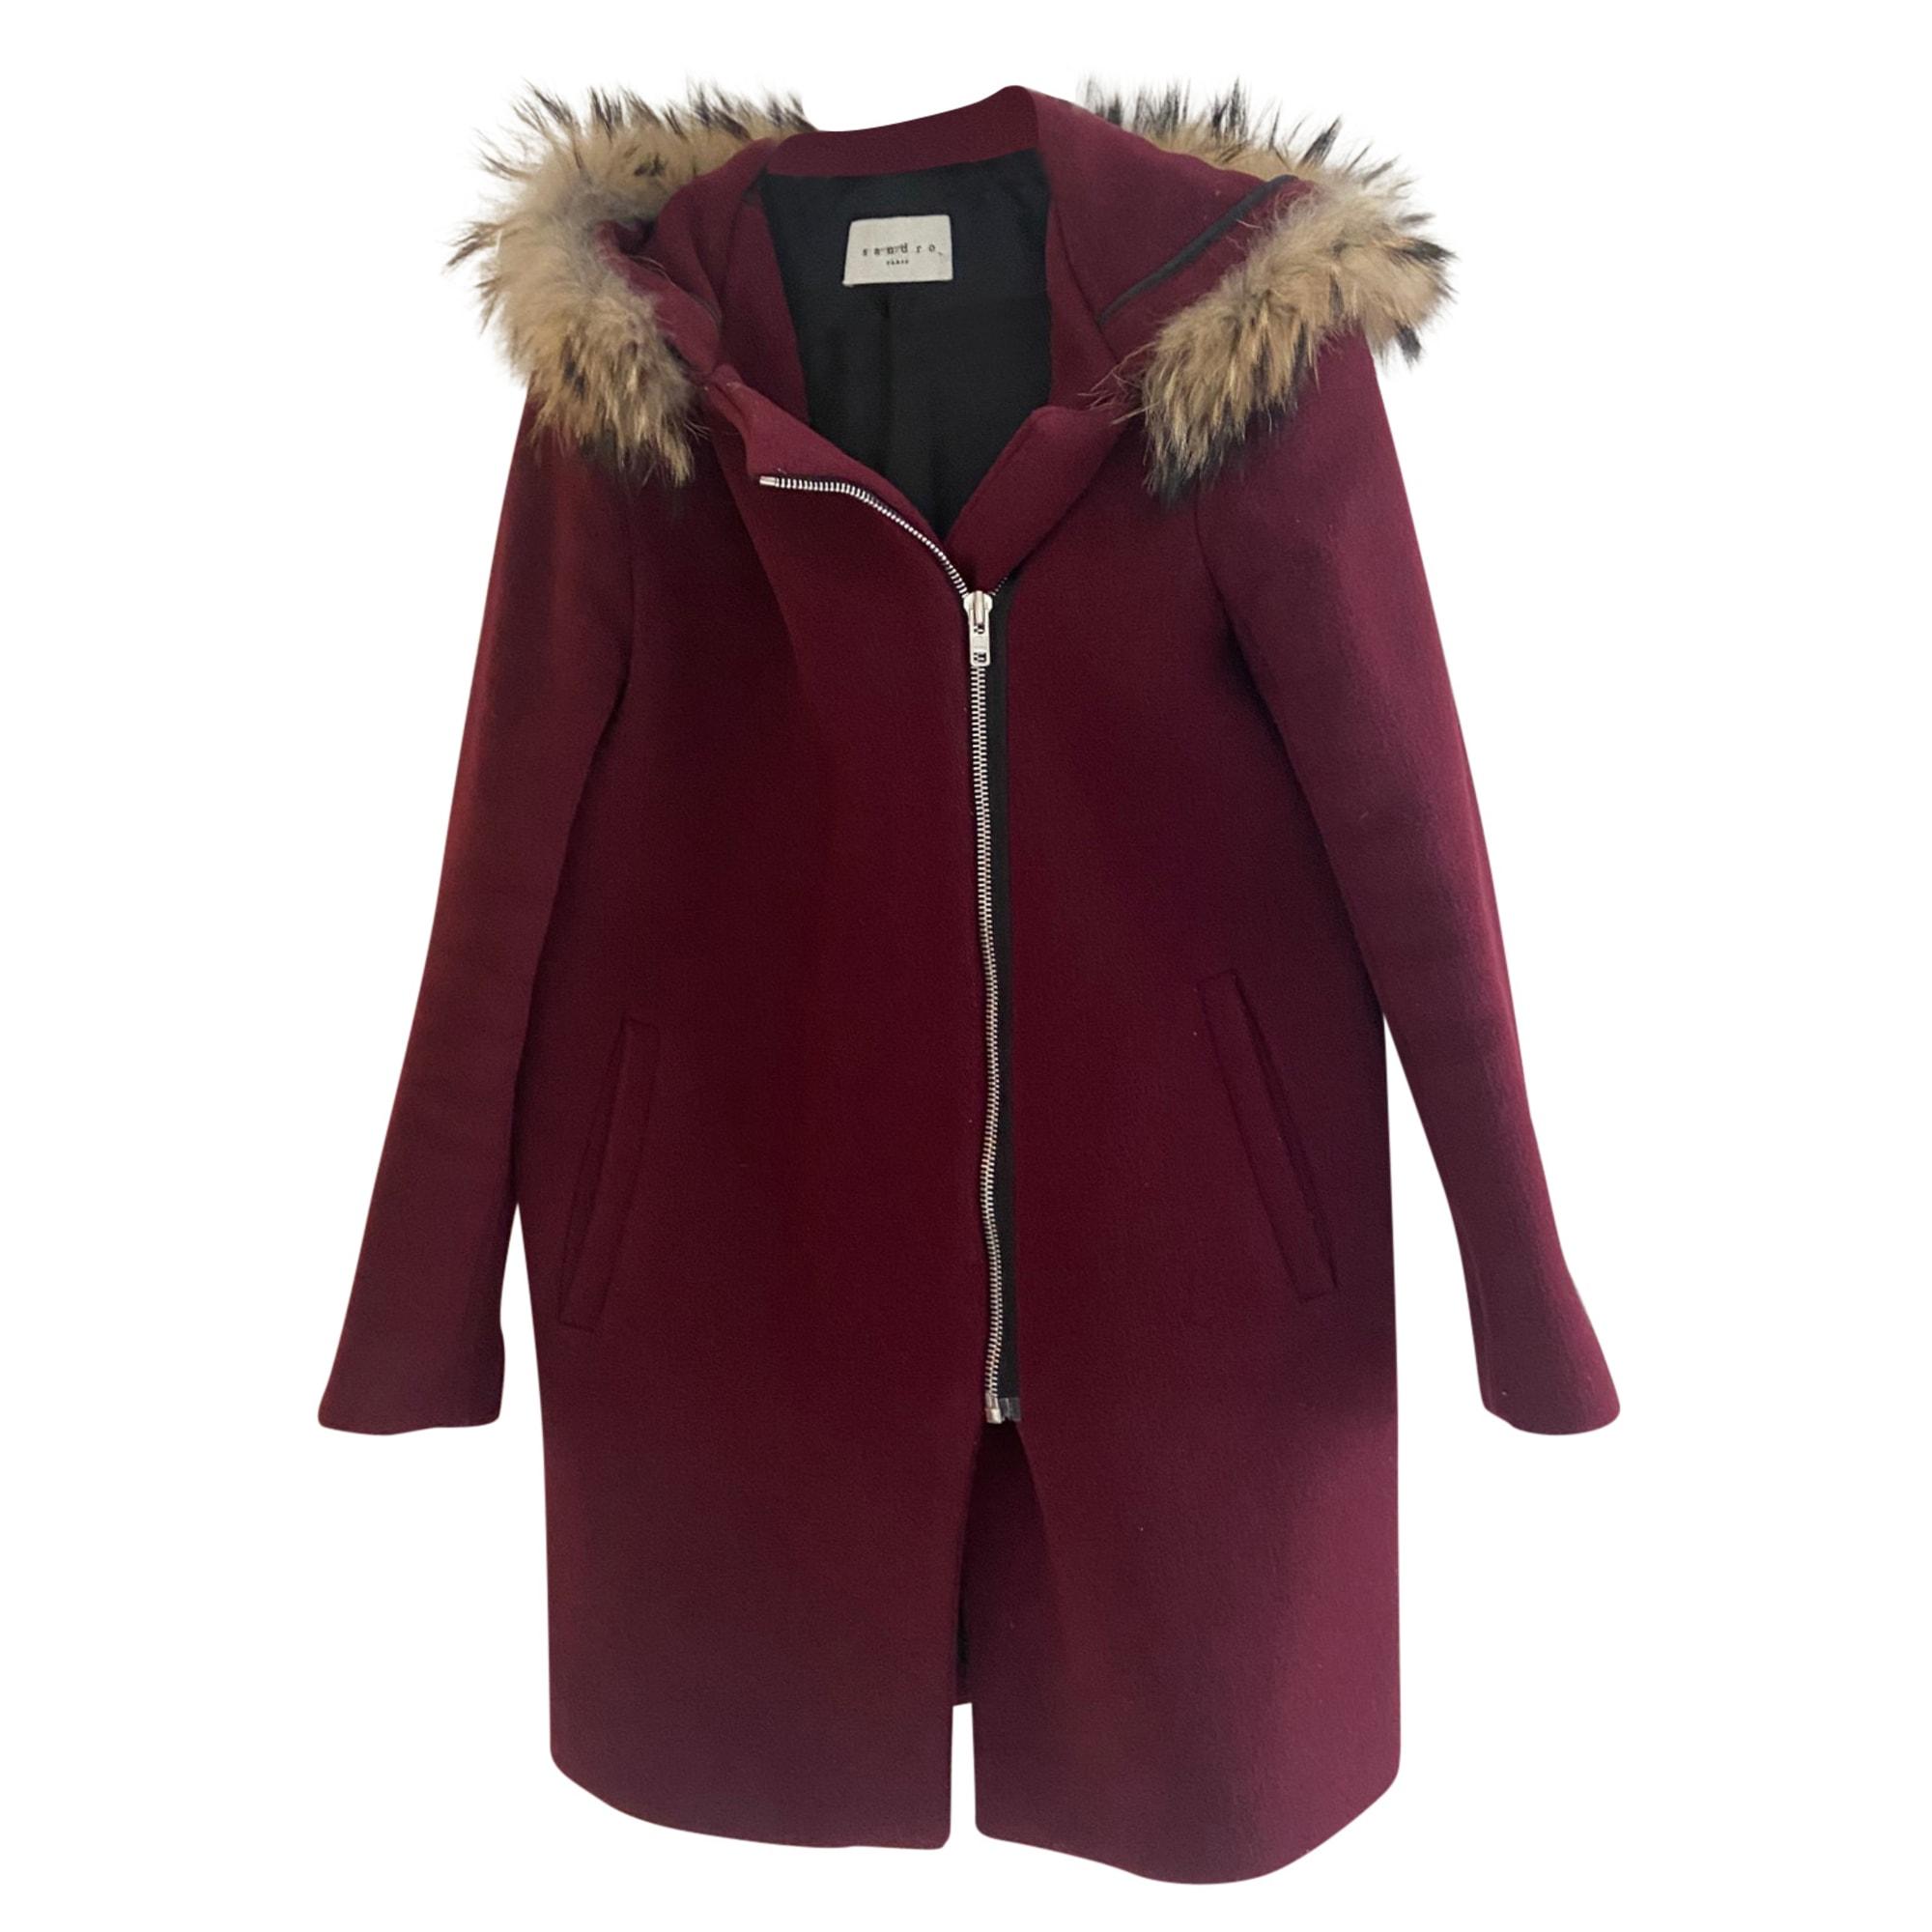 Manteau SANDRO Rouge, bordeaux